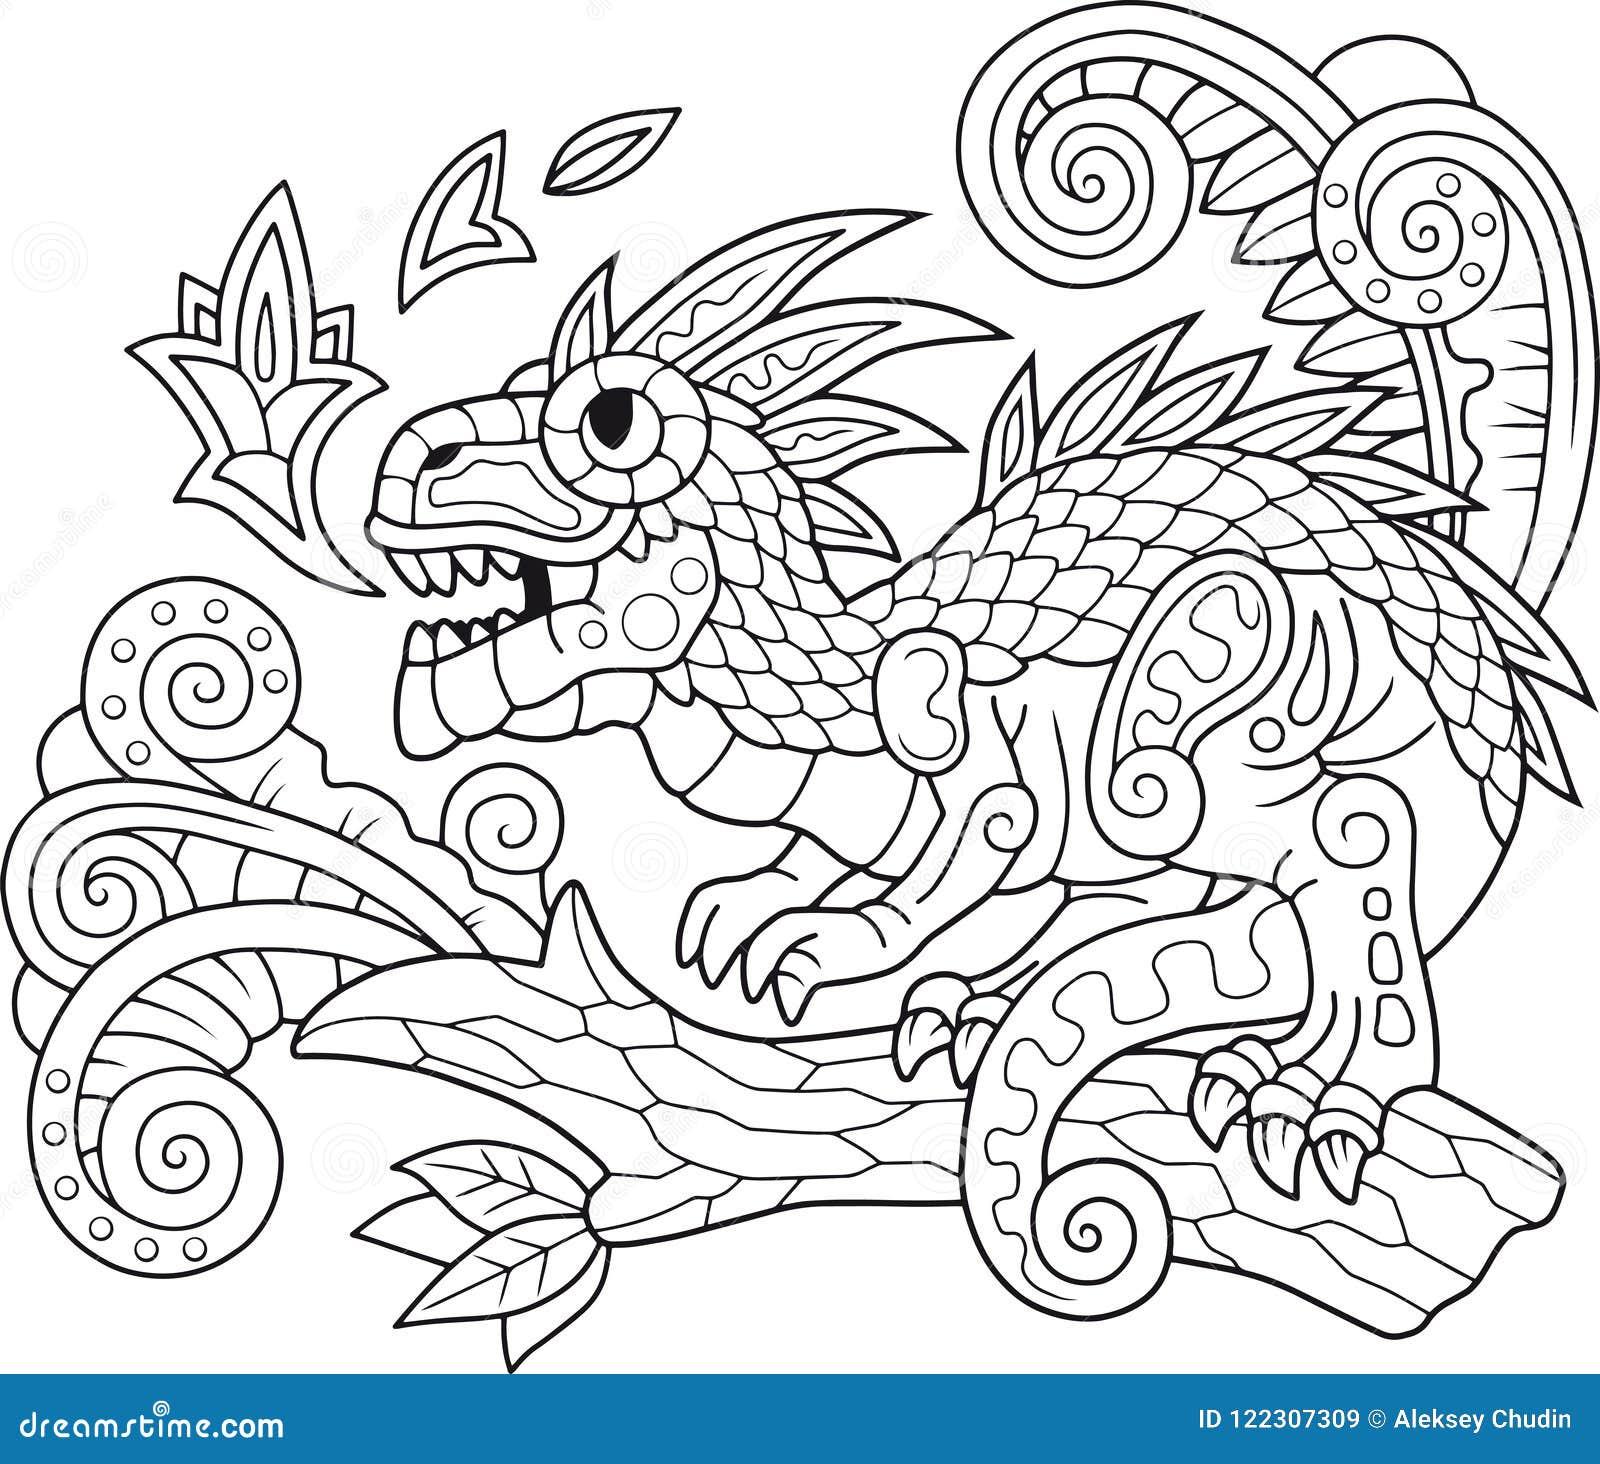 Modello Del Dinosauro Illustrazione Di Progettazione Disegno Di